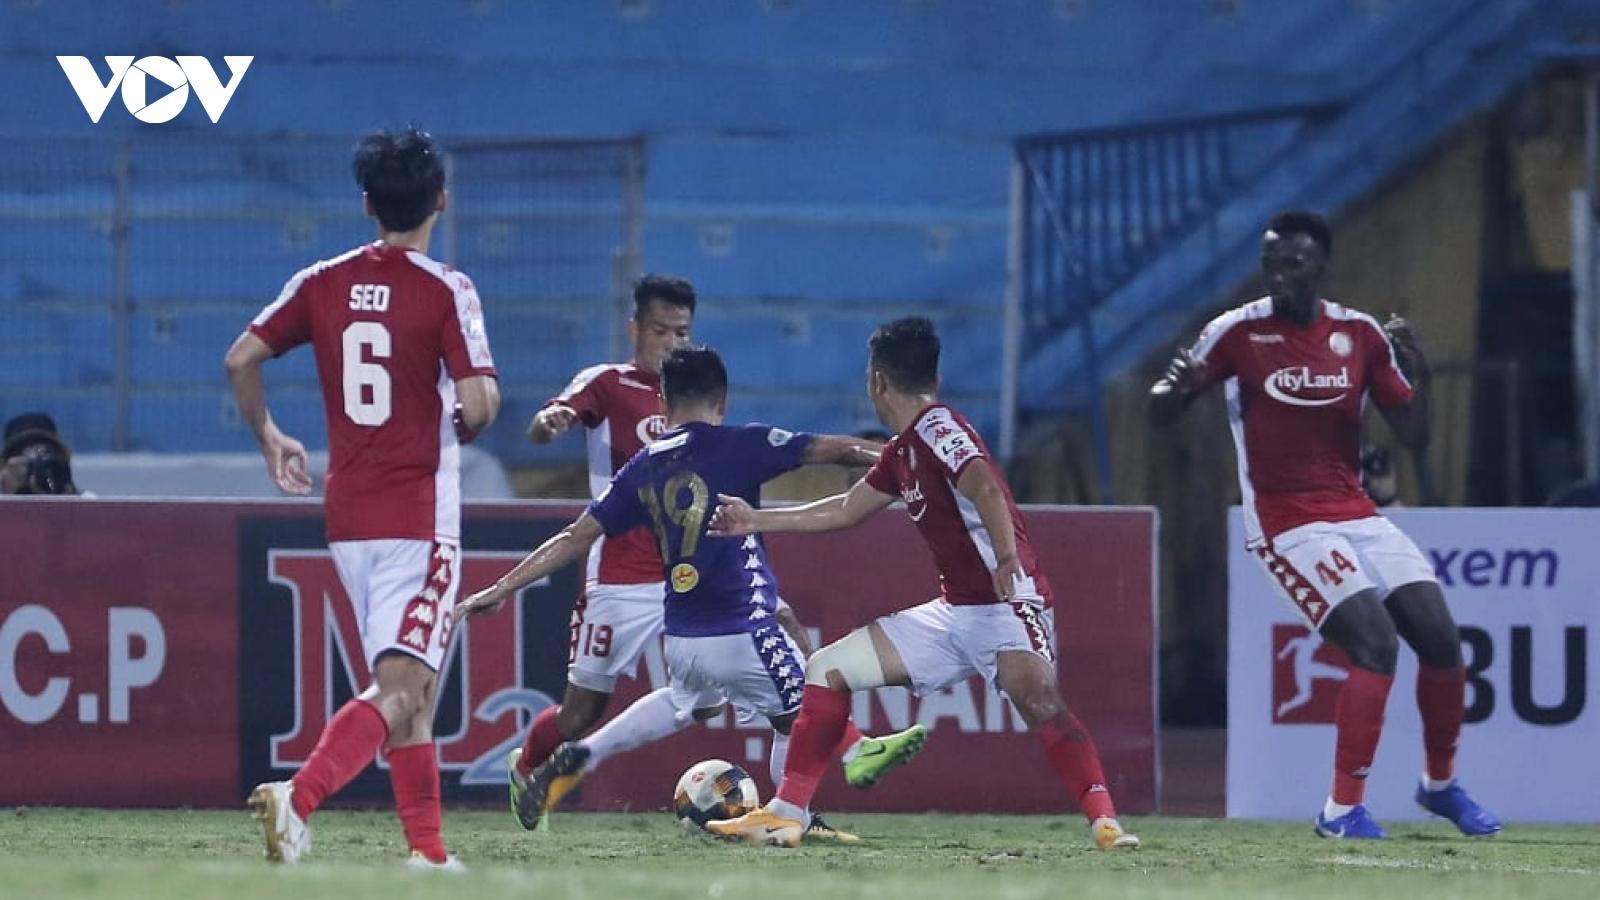 Văn Quyết - Quang Hải lập công, Hà Nội FC lần thứ 4 ca khúc khải hoàn trước TPHCM